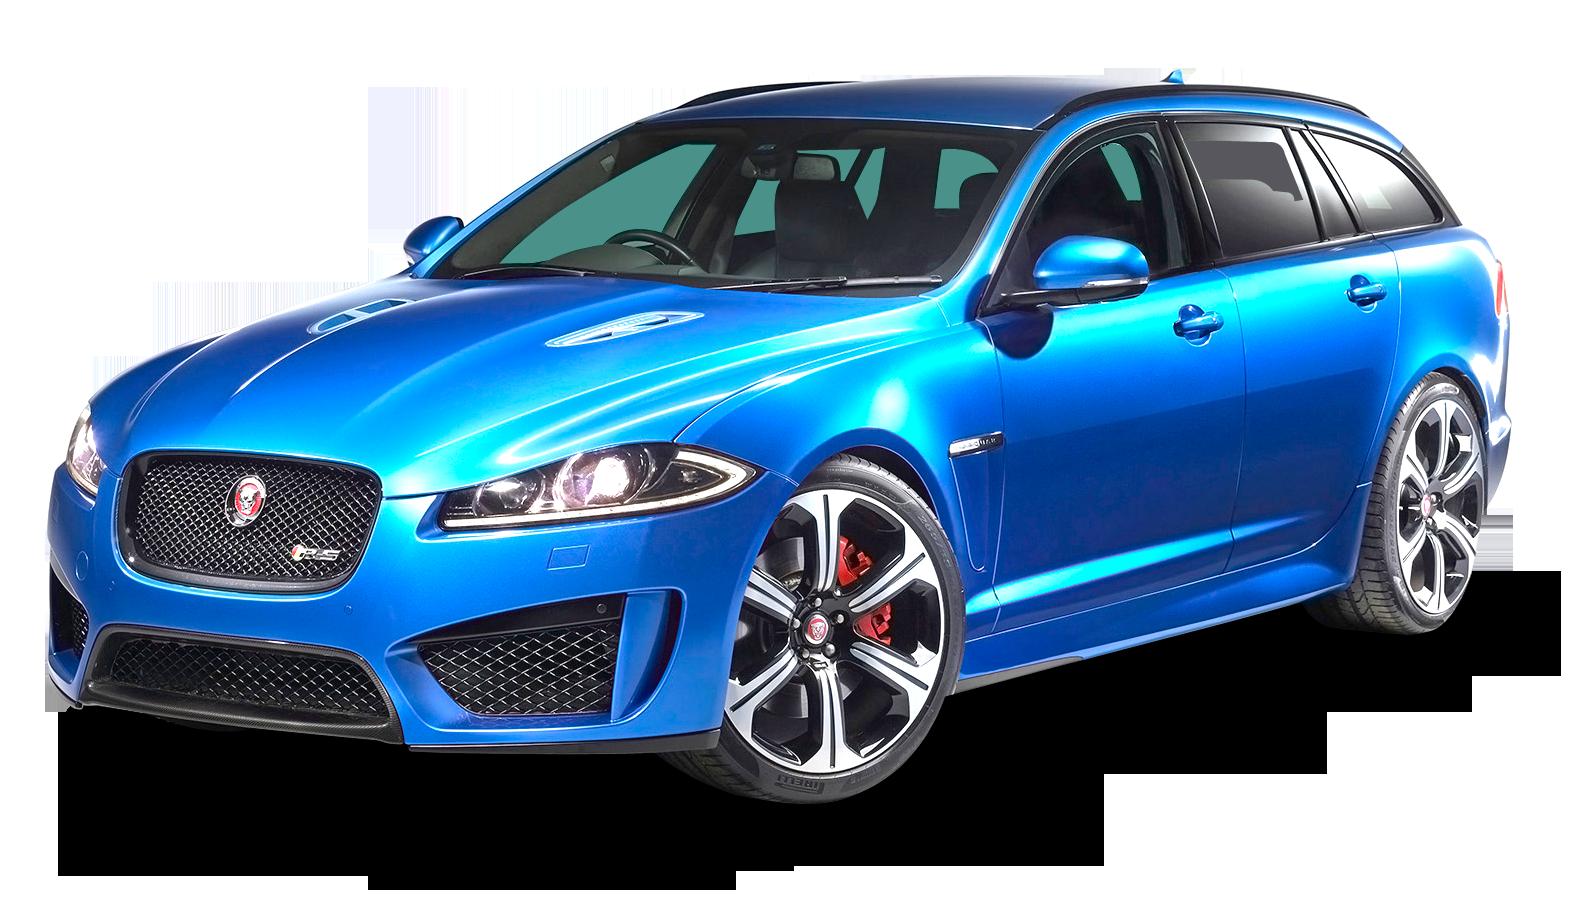 Jaguar XFR Sportbrake Blue Car PNG Image